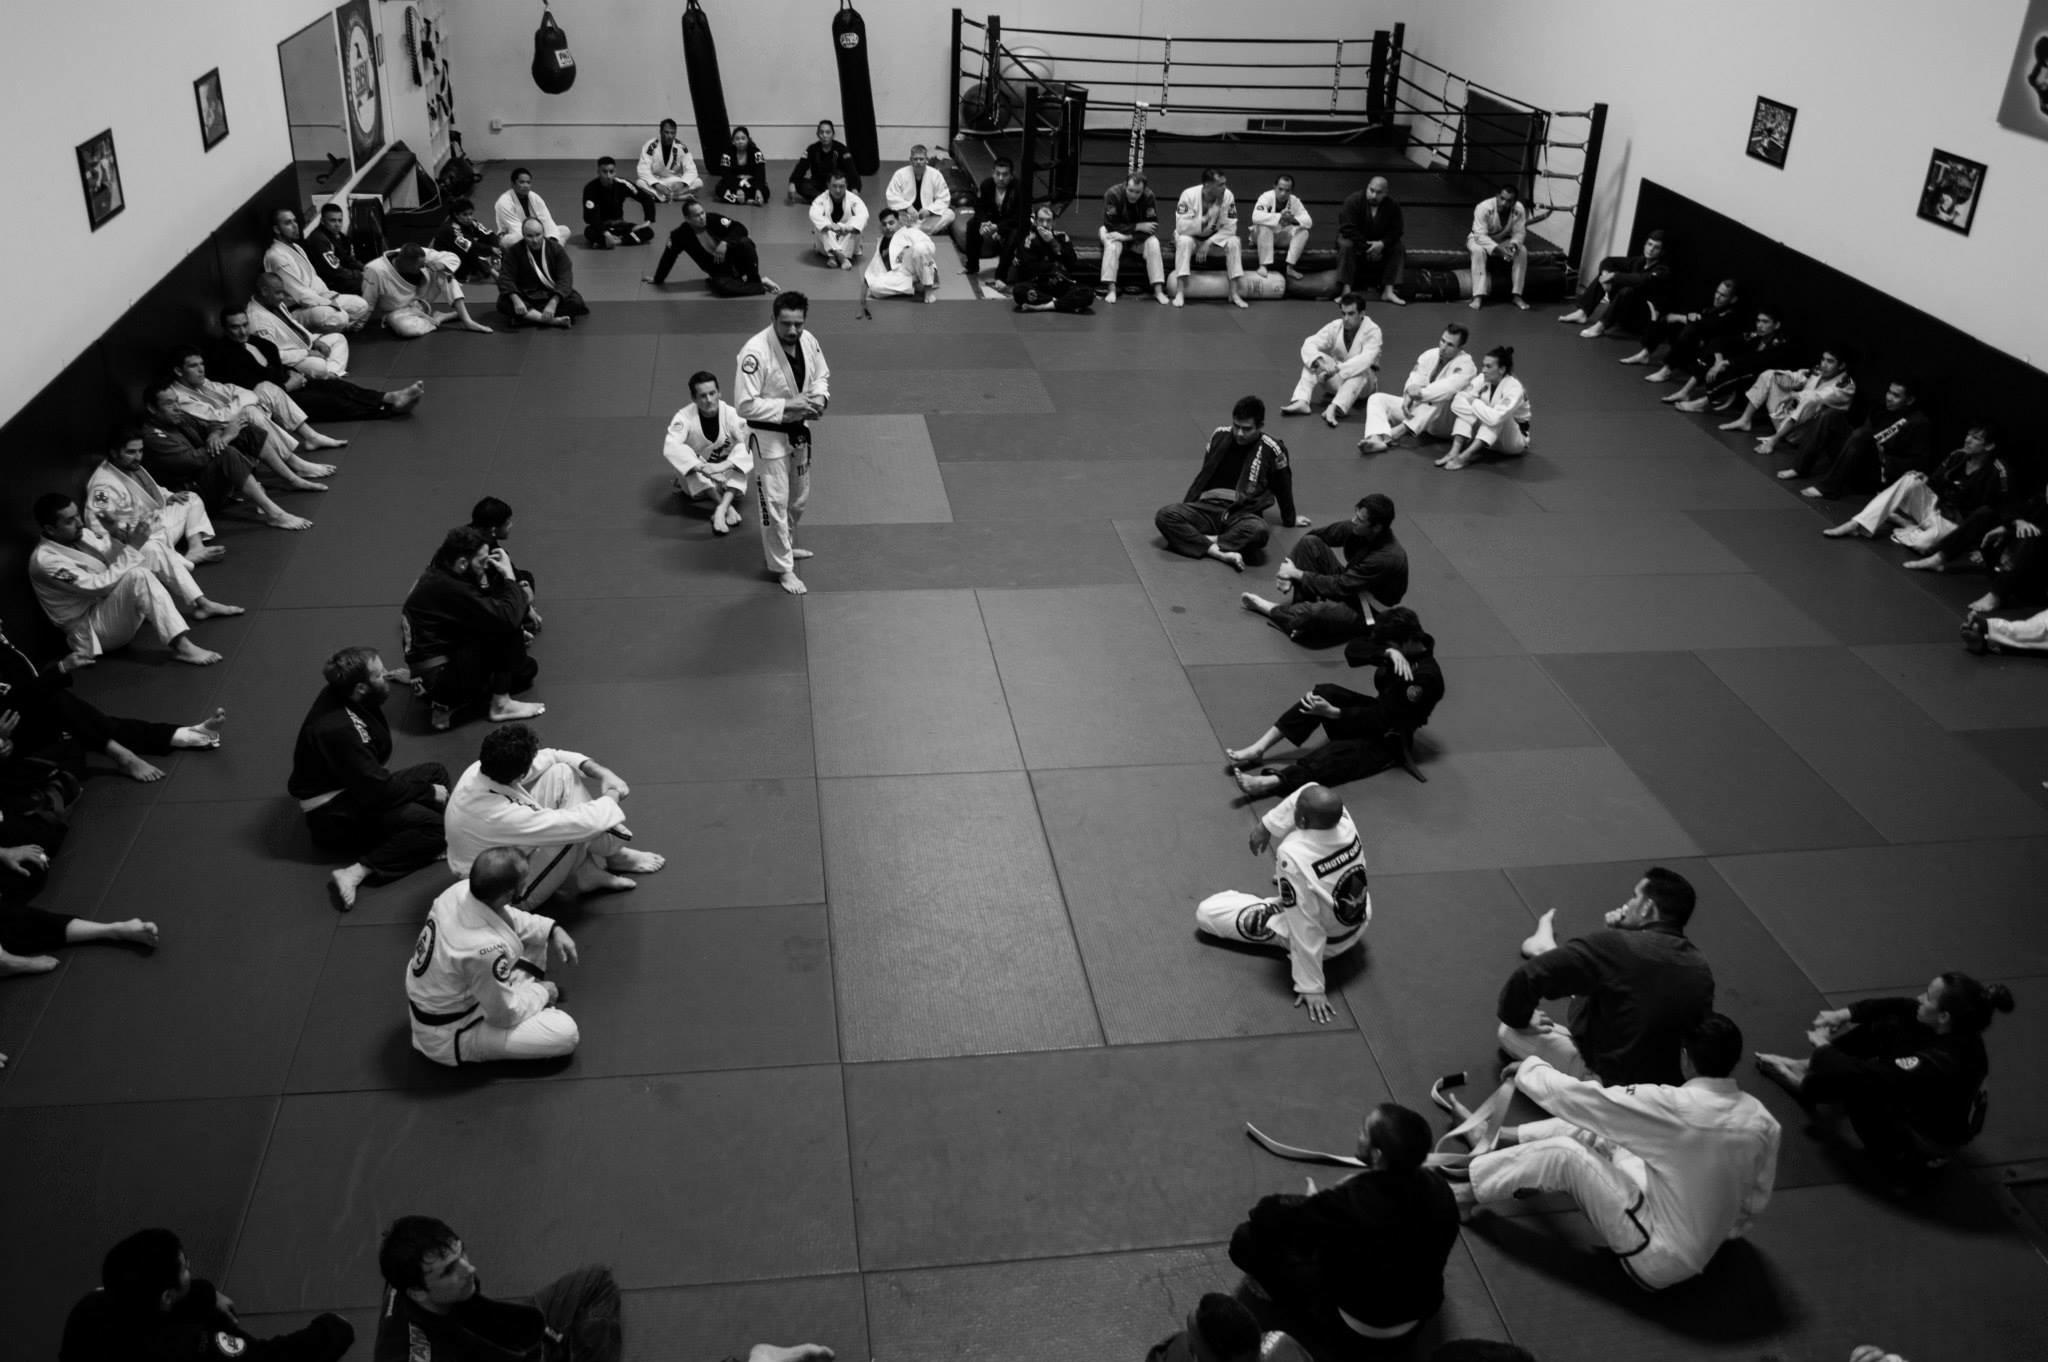 Bakersfield Jiu Jitsu class